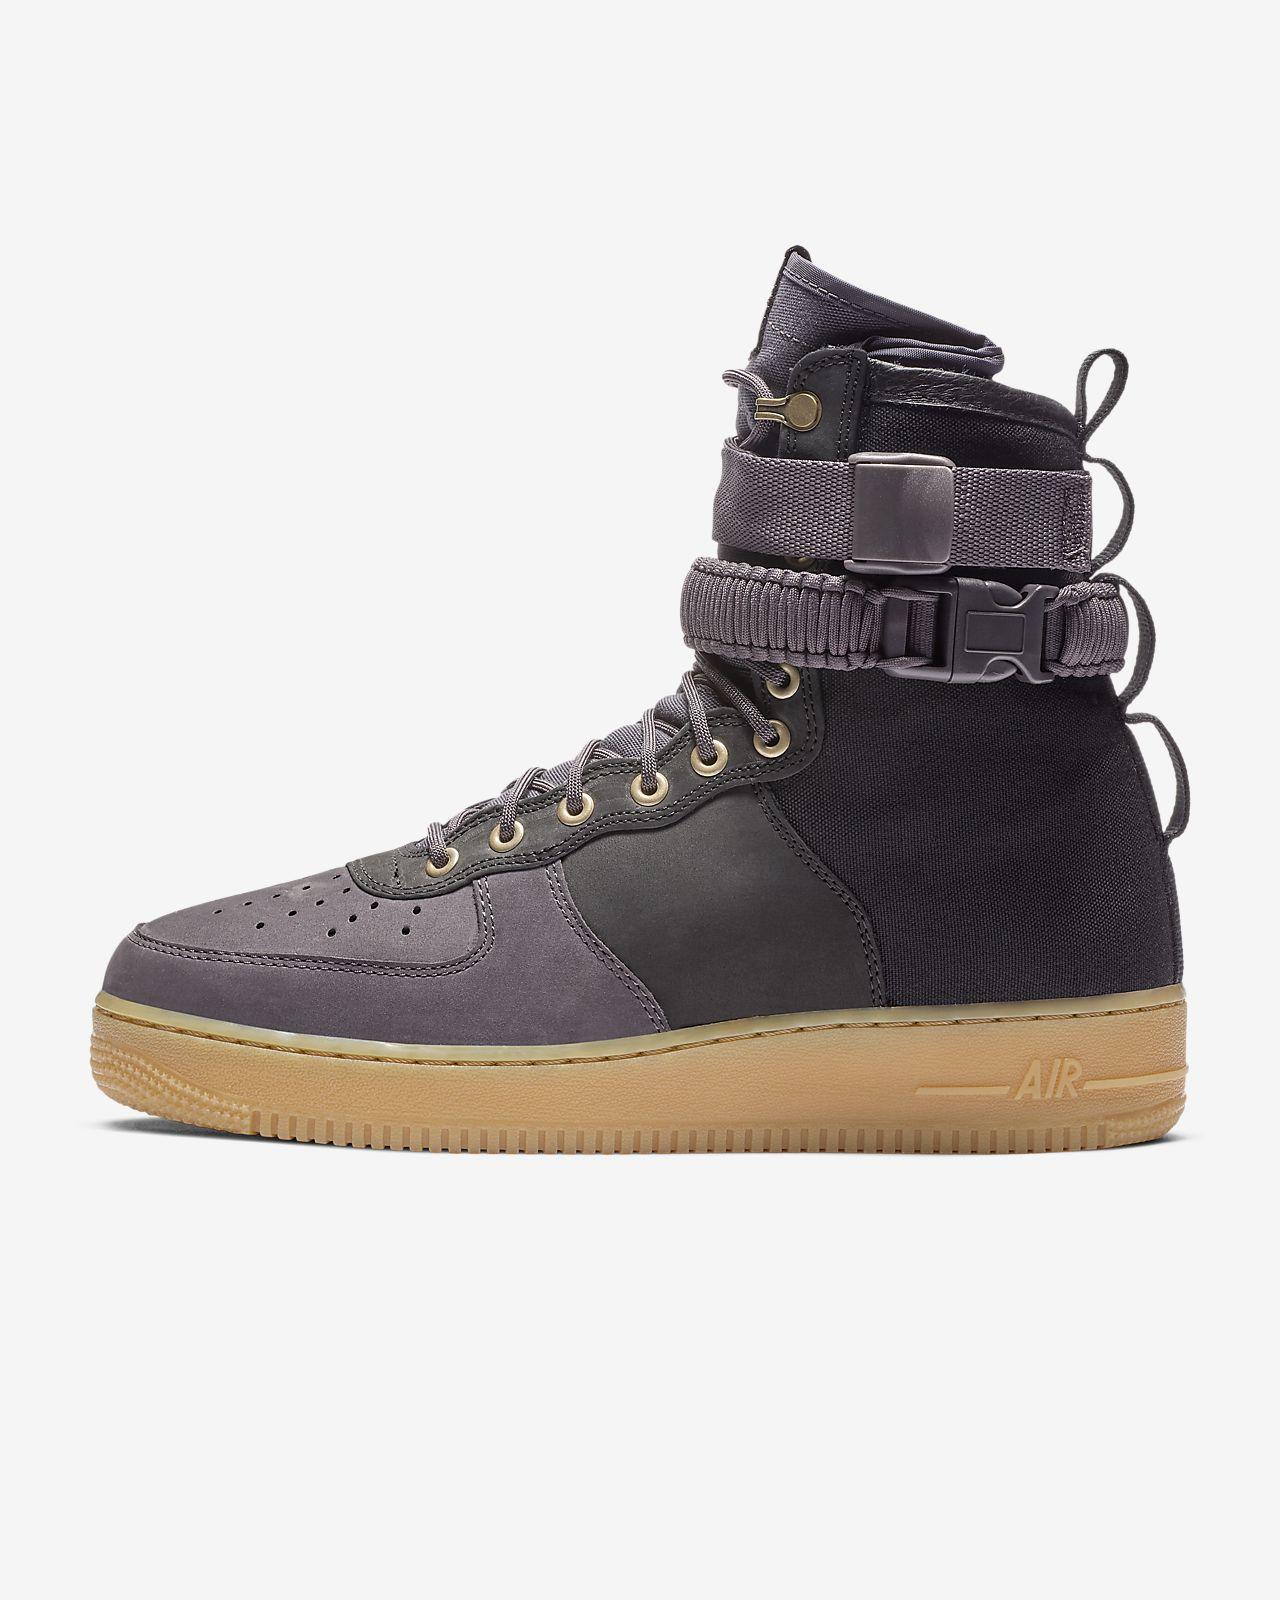 Nike SF Air Force 1 Premium Herrenschuh